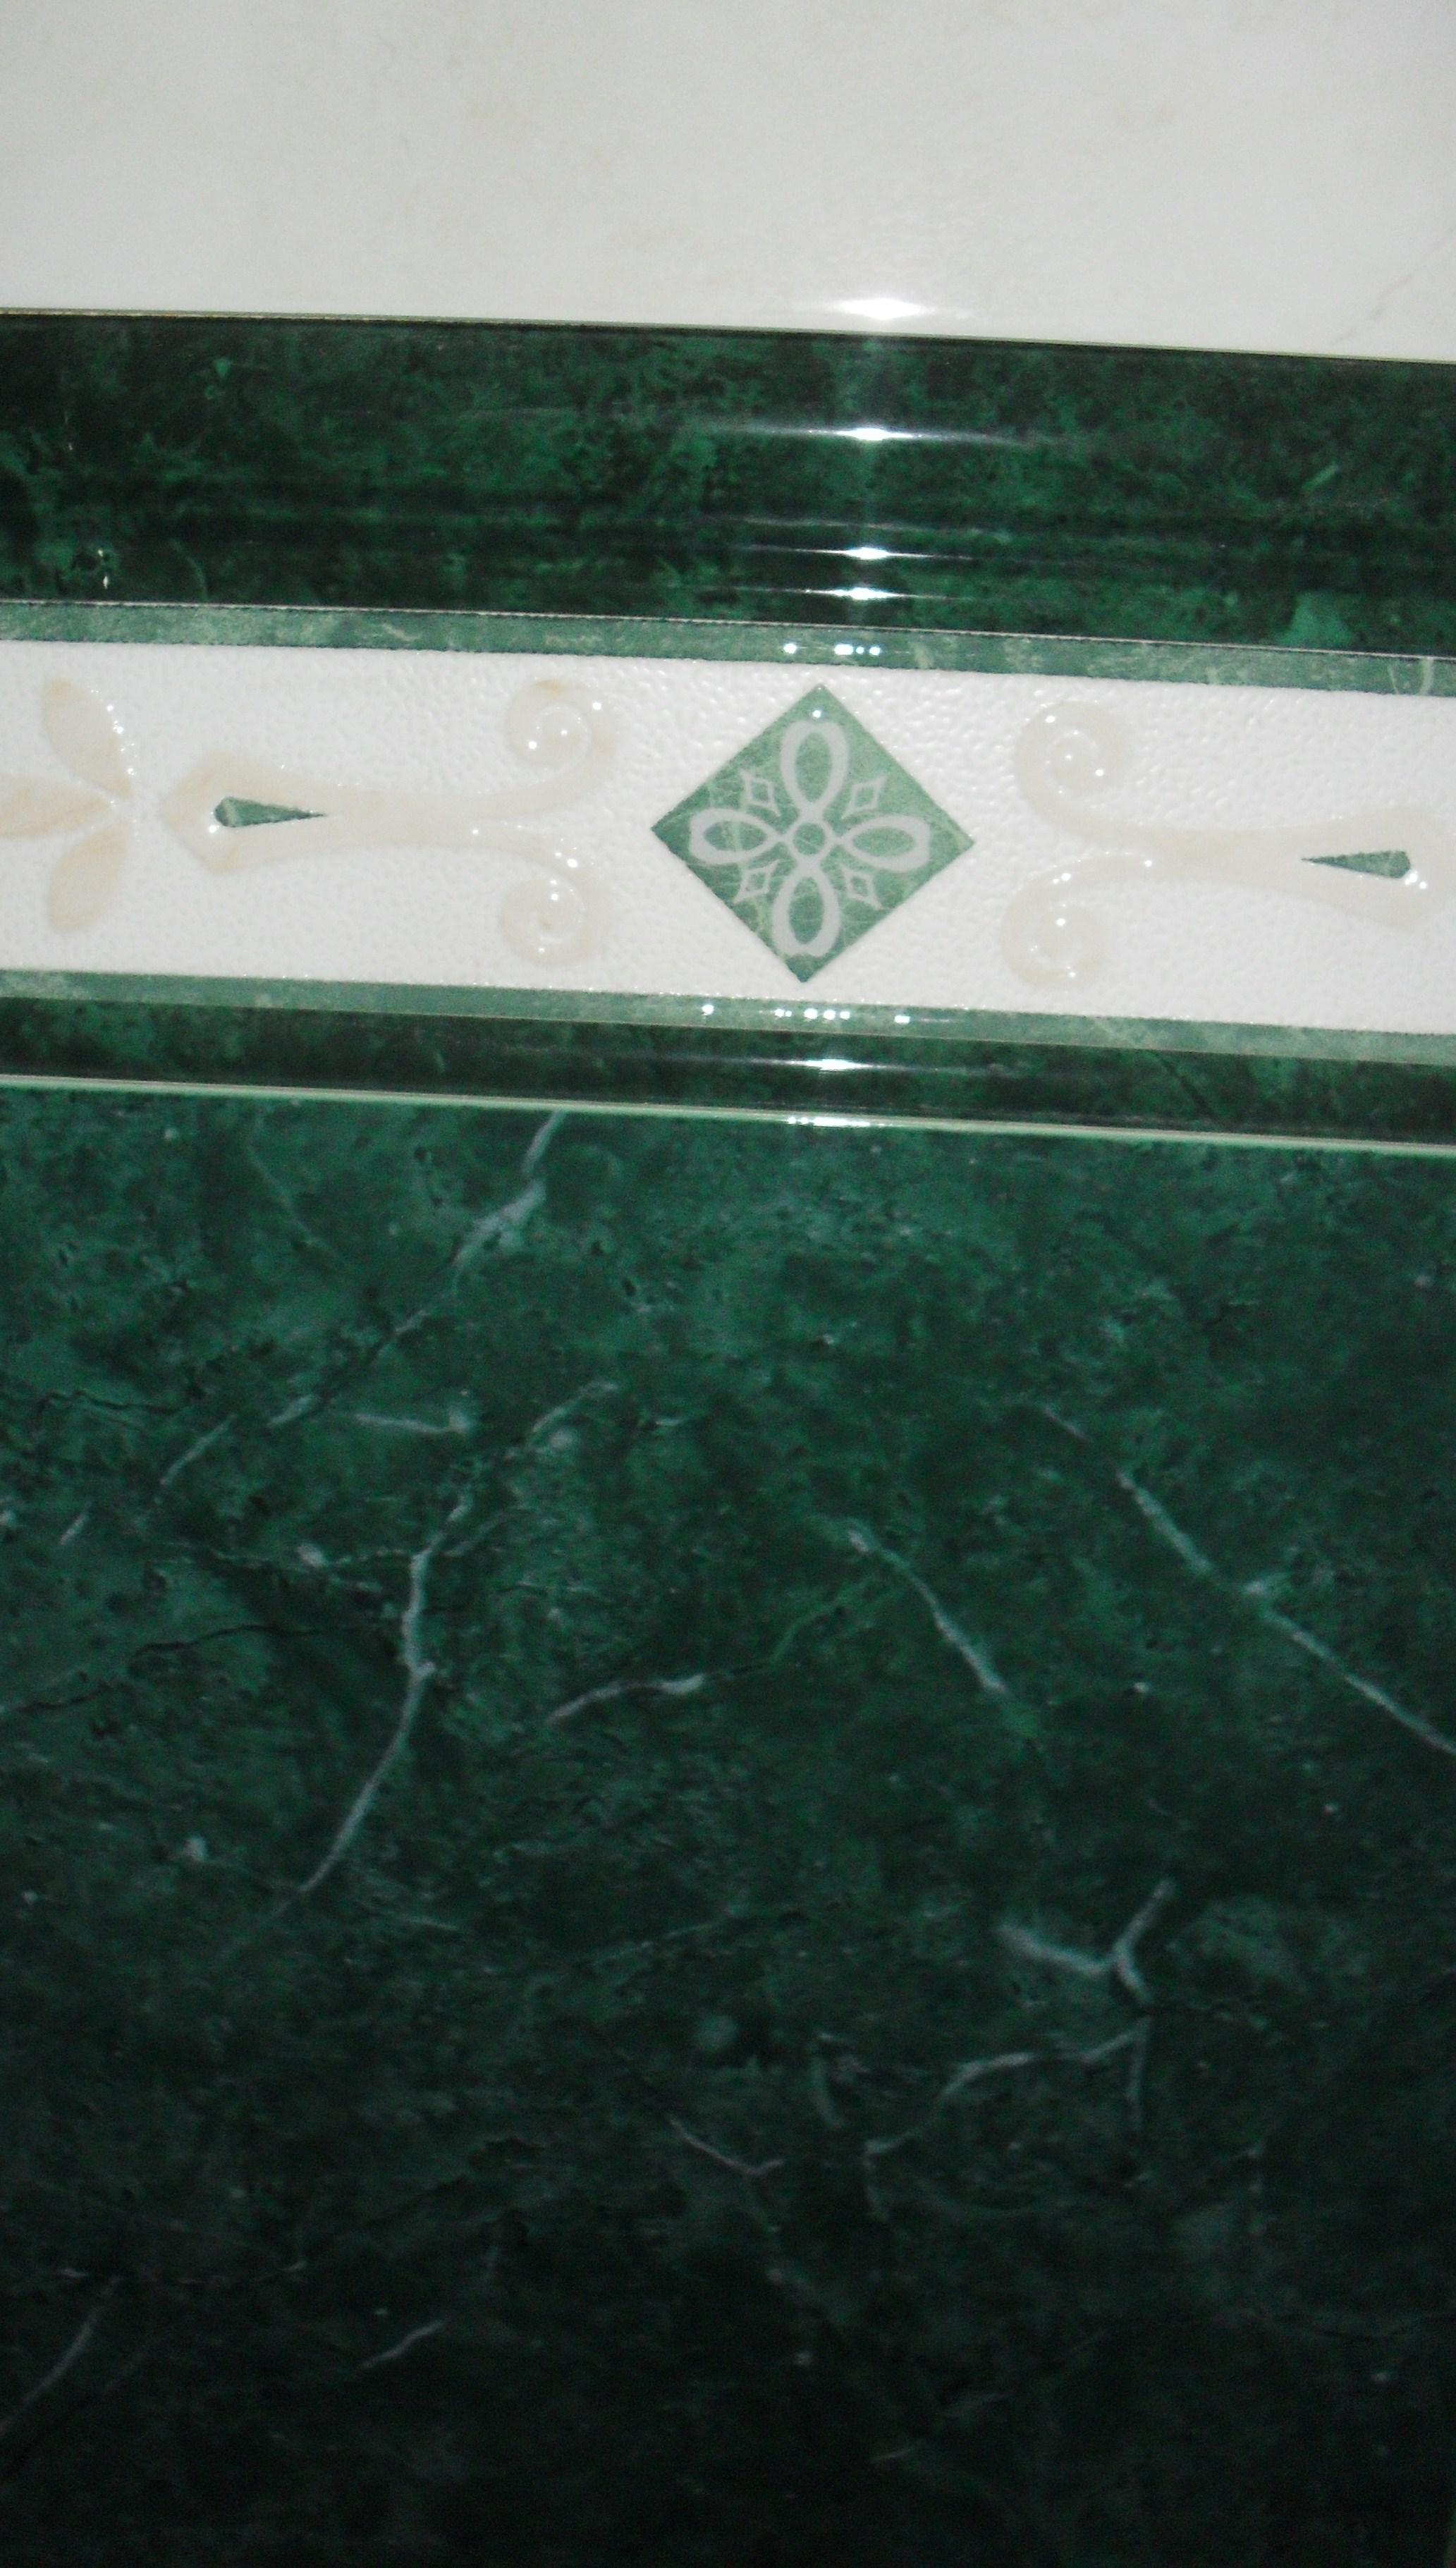 Piastrelle da bagno 33 5 x 50 ristruttura e arreda agostino - Piastrelle x bagno ...